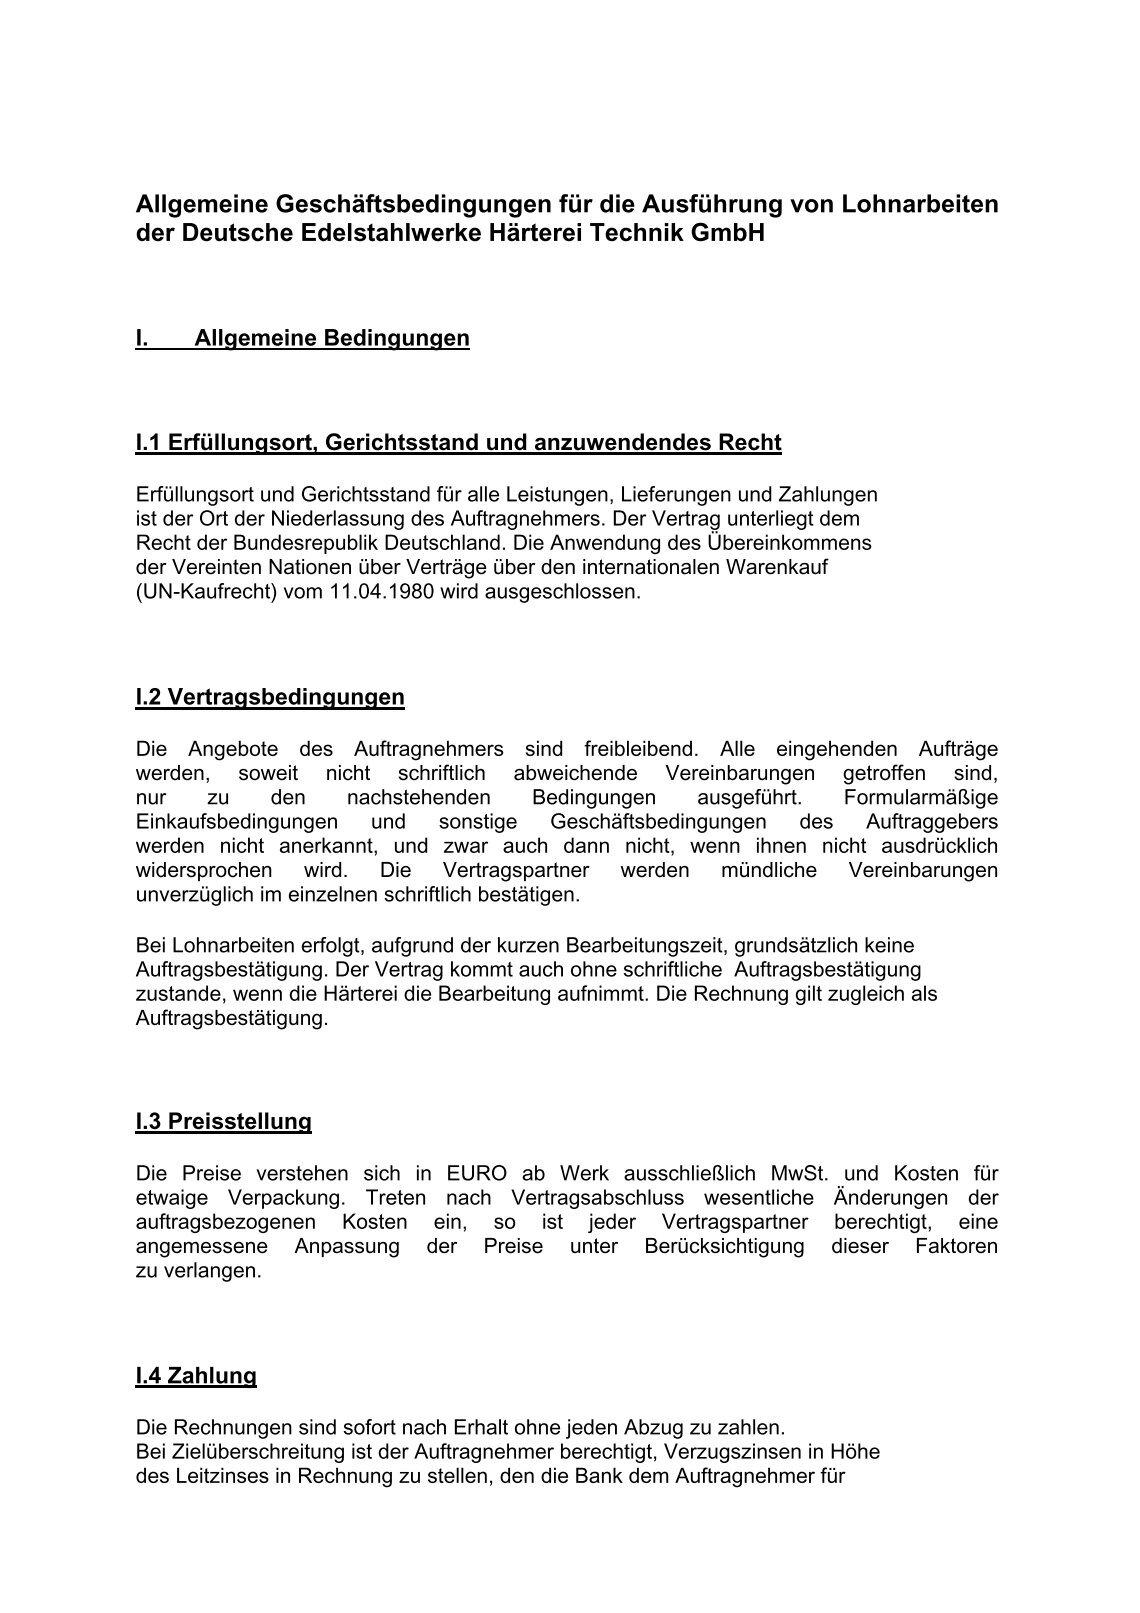 Schön Auftragnehmer Vereinbarung Vorlage Wort Galerie - Bilder für ...